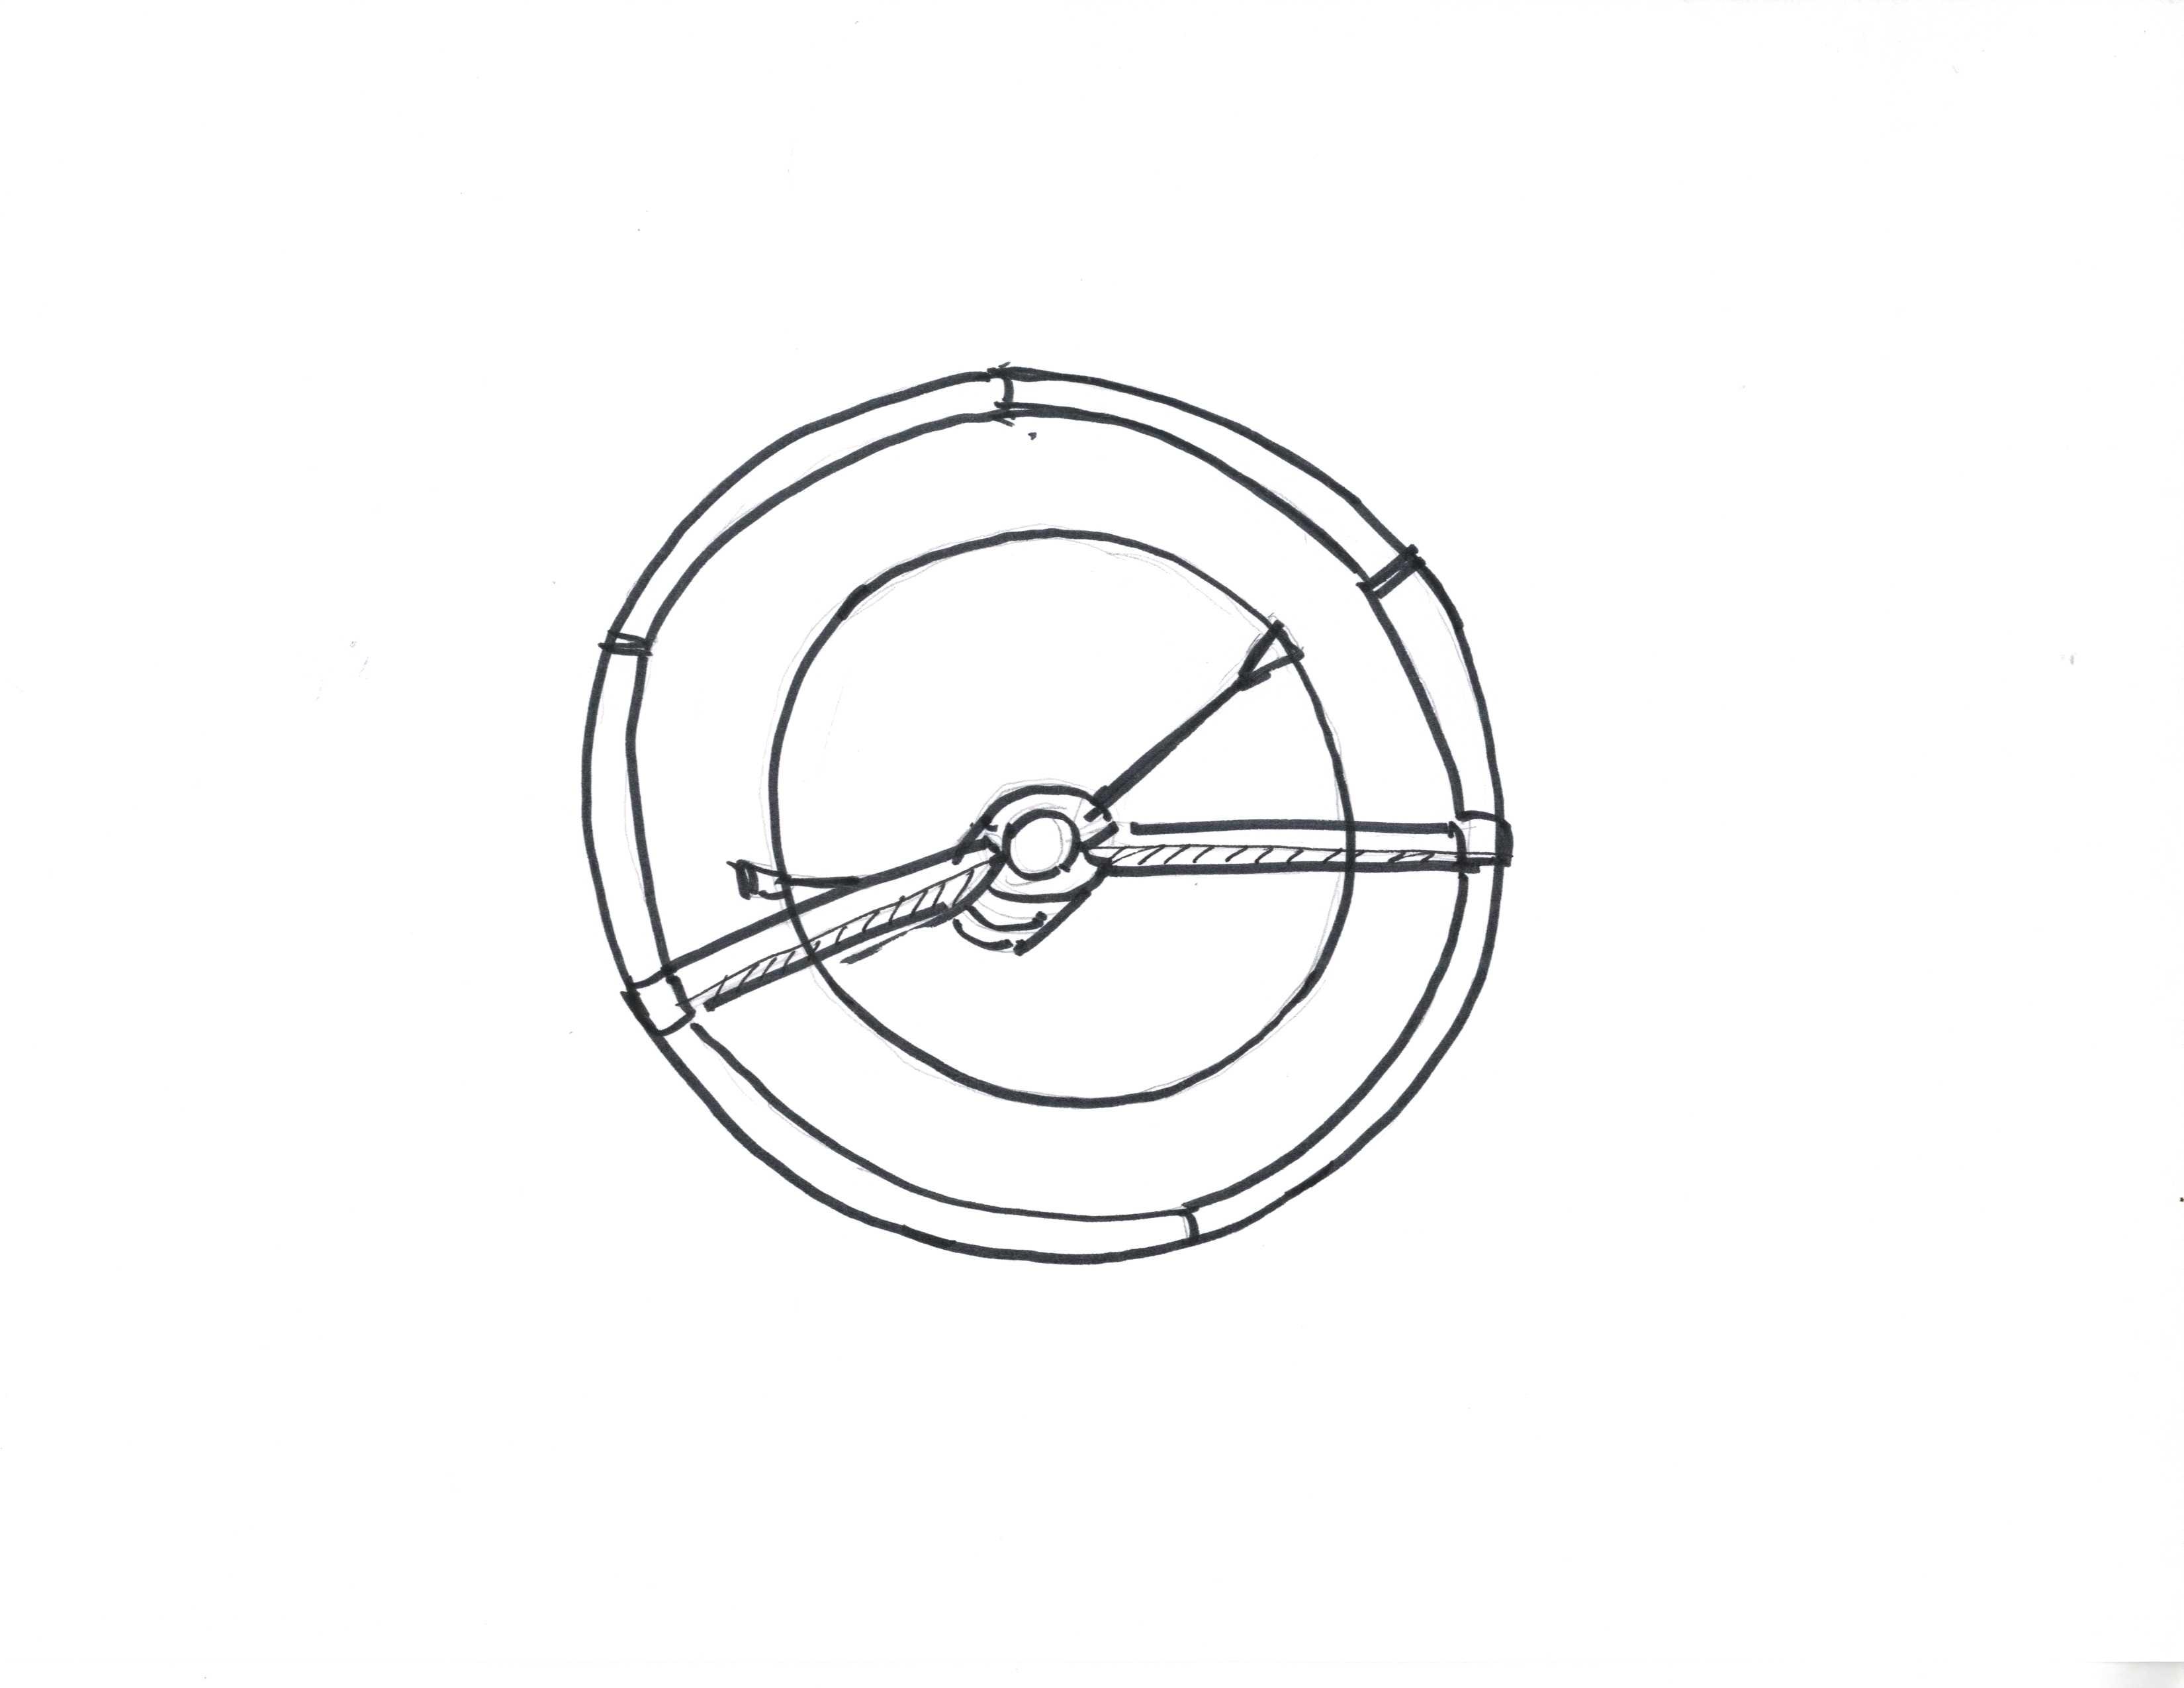 Race Car Steering Geometry